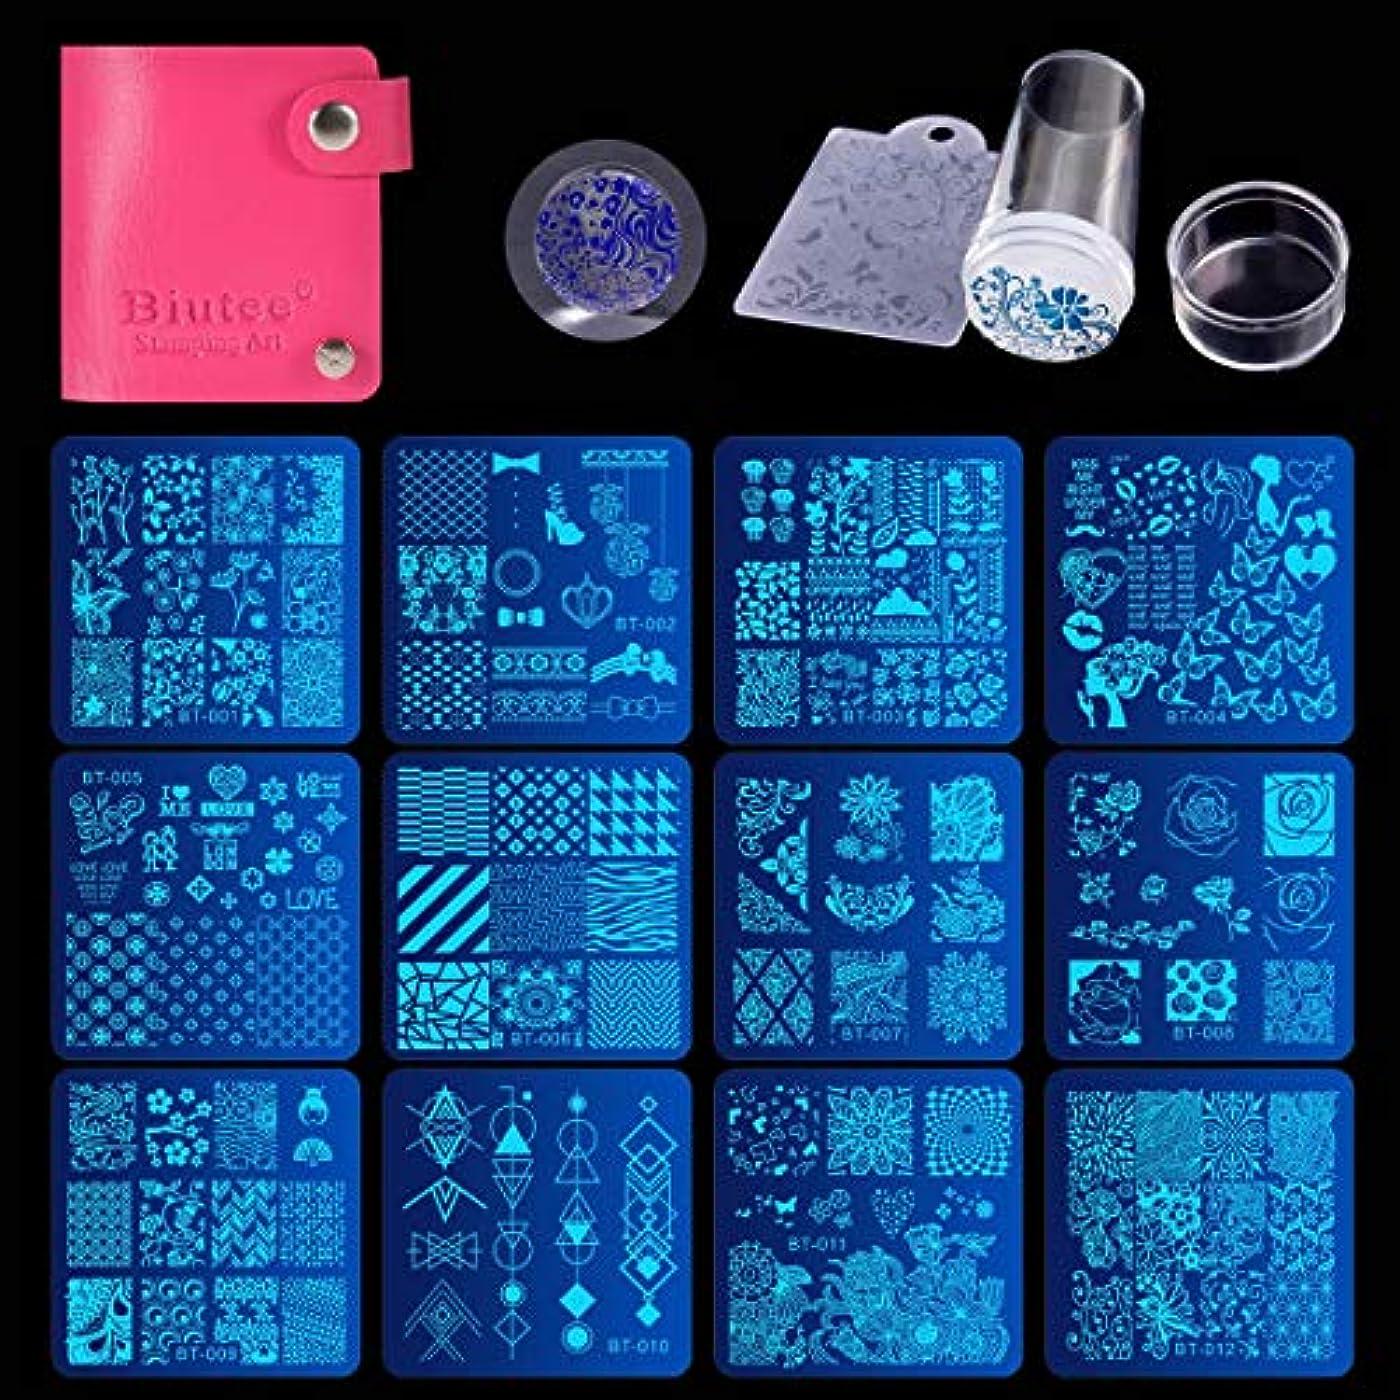 雨一掃する並外れてBiutee ネイルイメージプレートセット 12枚ネイルプレート 1スタンプ 1スクレーパー 1カードバッグ ネイルステンシル ネイルプレート スタンピングイメージプレート ネイルアートツール